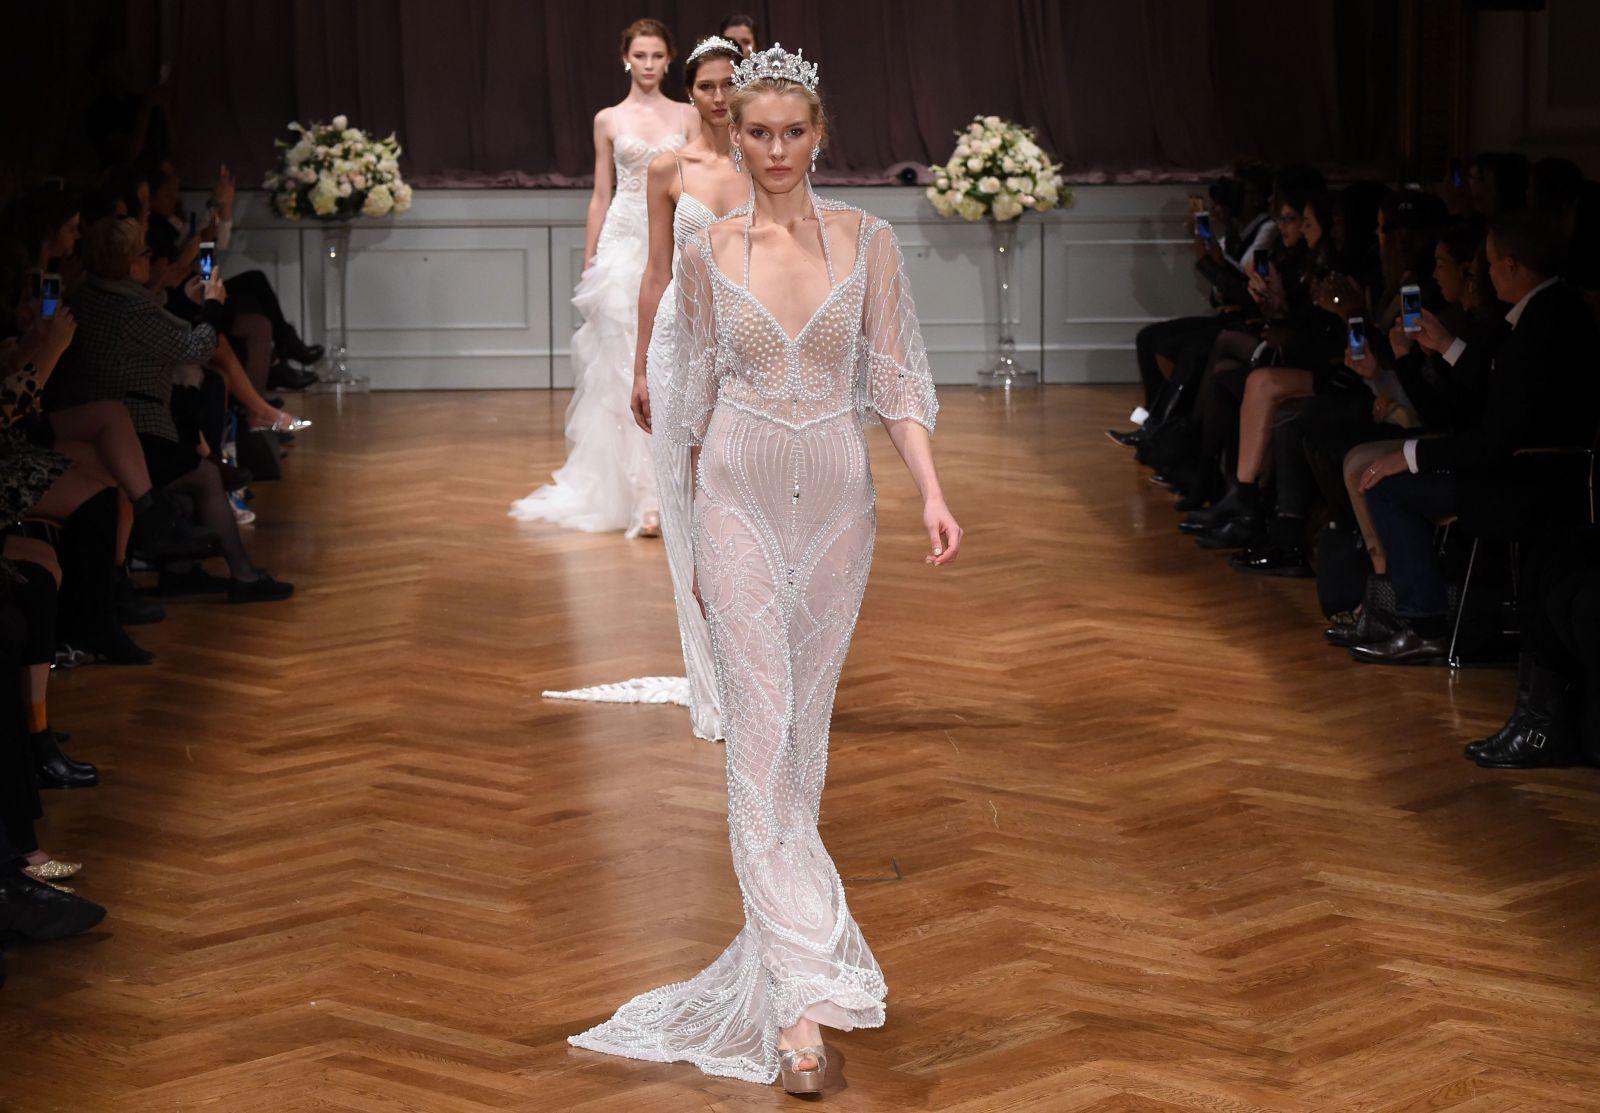 Три главных тренда в свадебной моде, которые нужно знать в лицо (ФОТО)